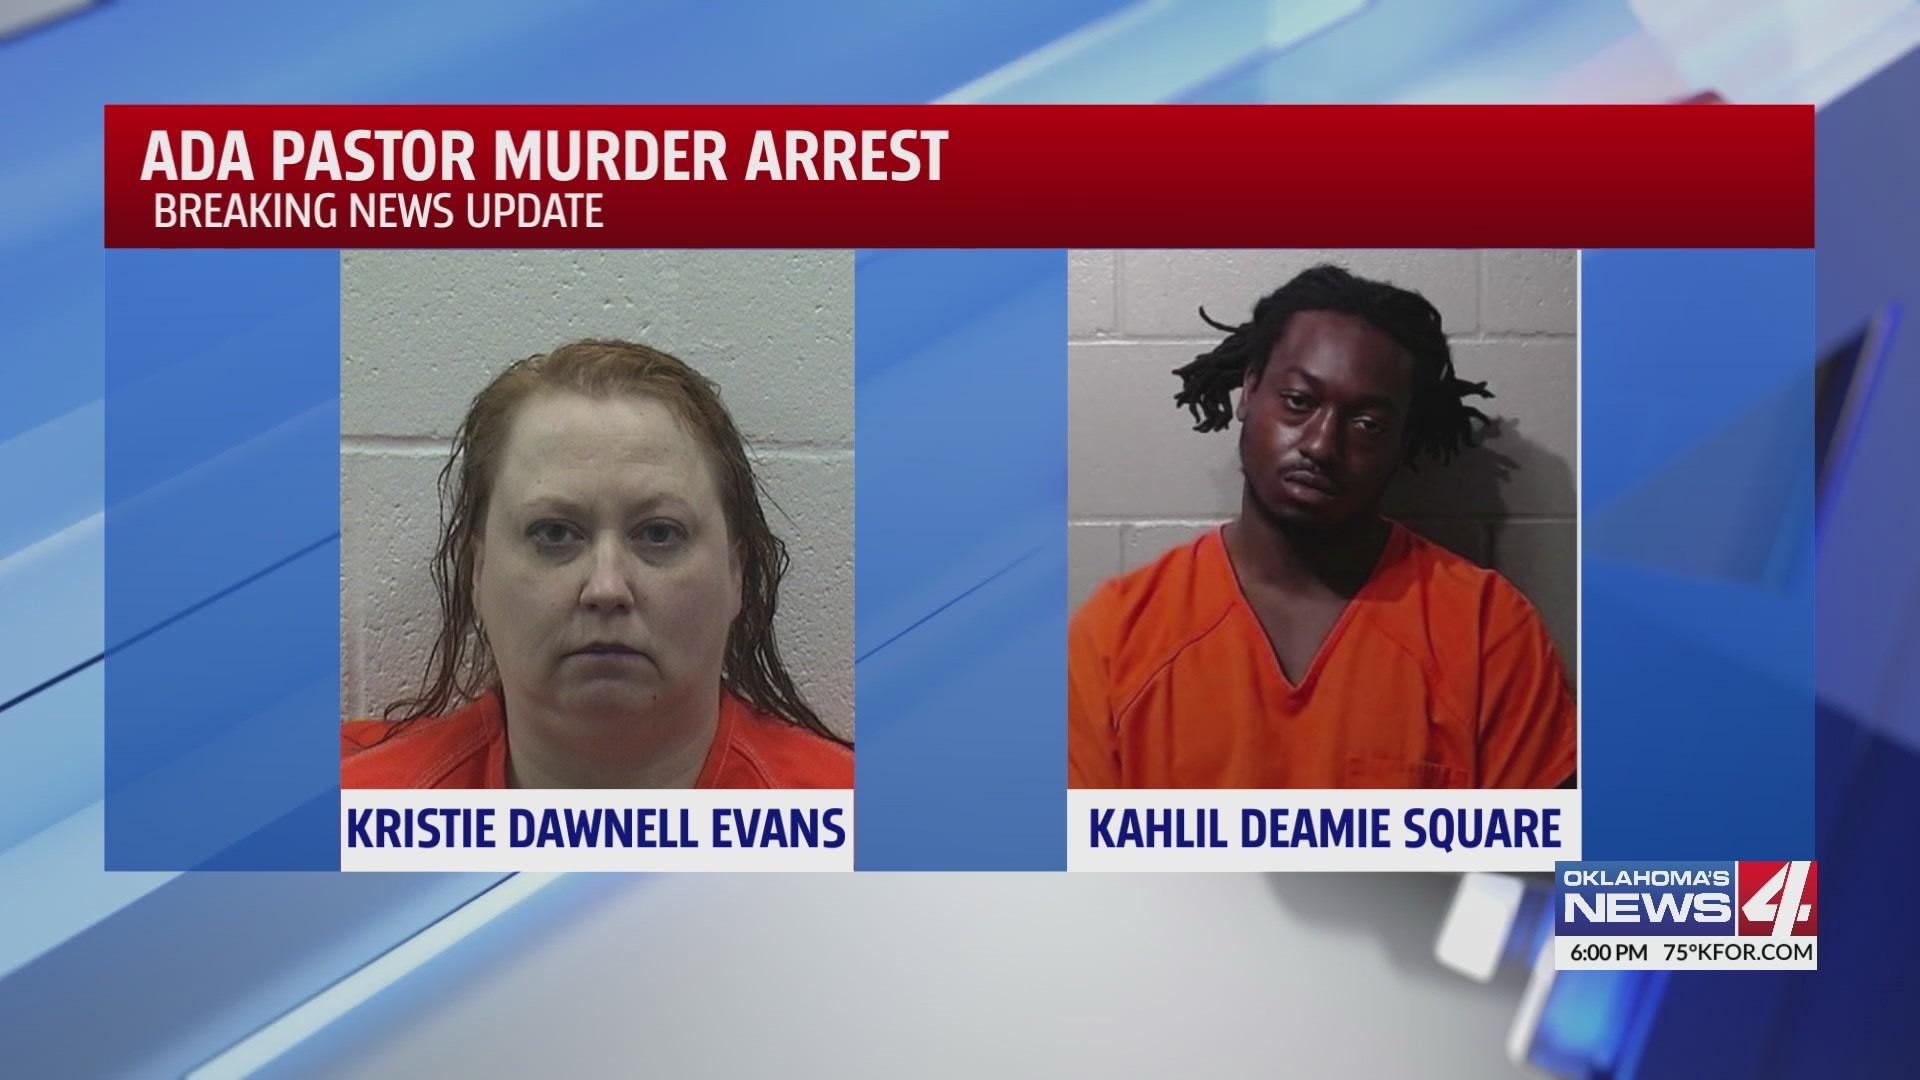 Kristie Evans and Kahlil Square arrested over the murder of pastor David Evans